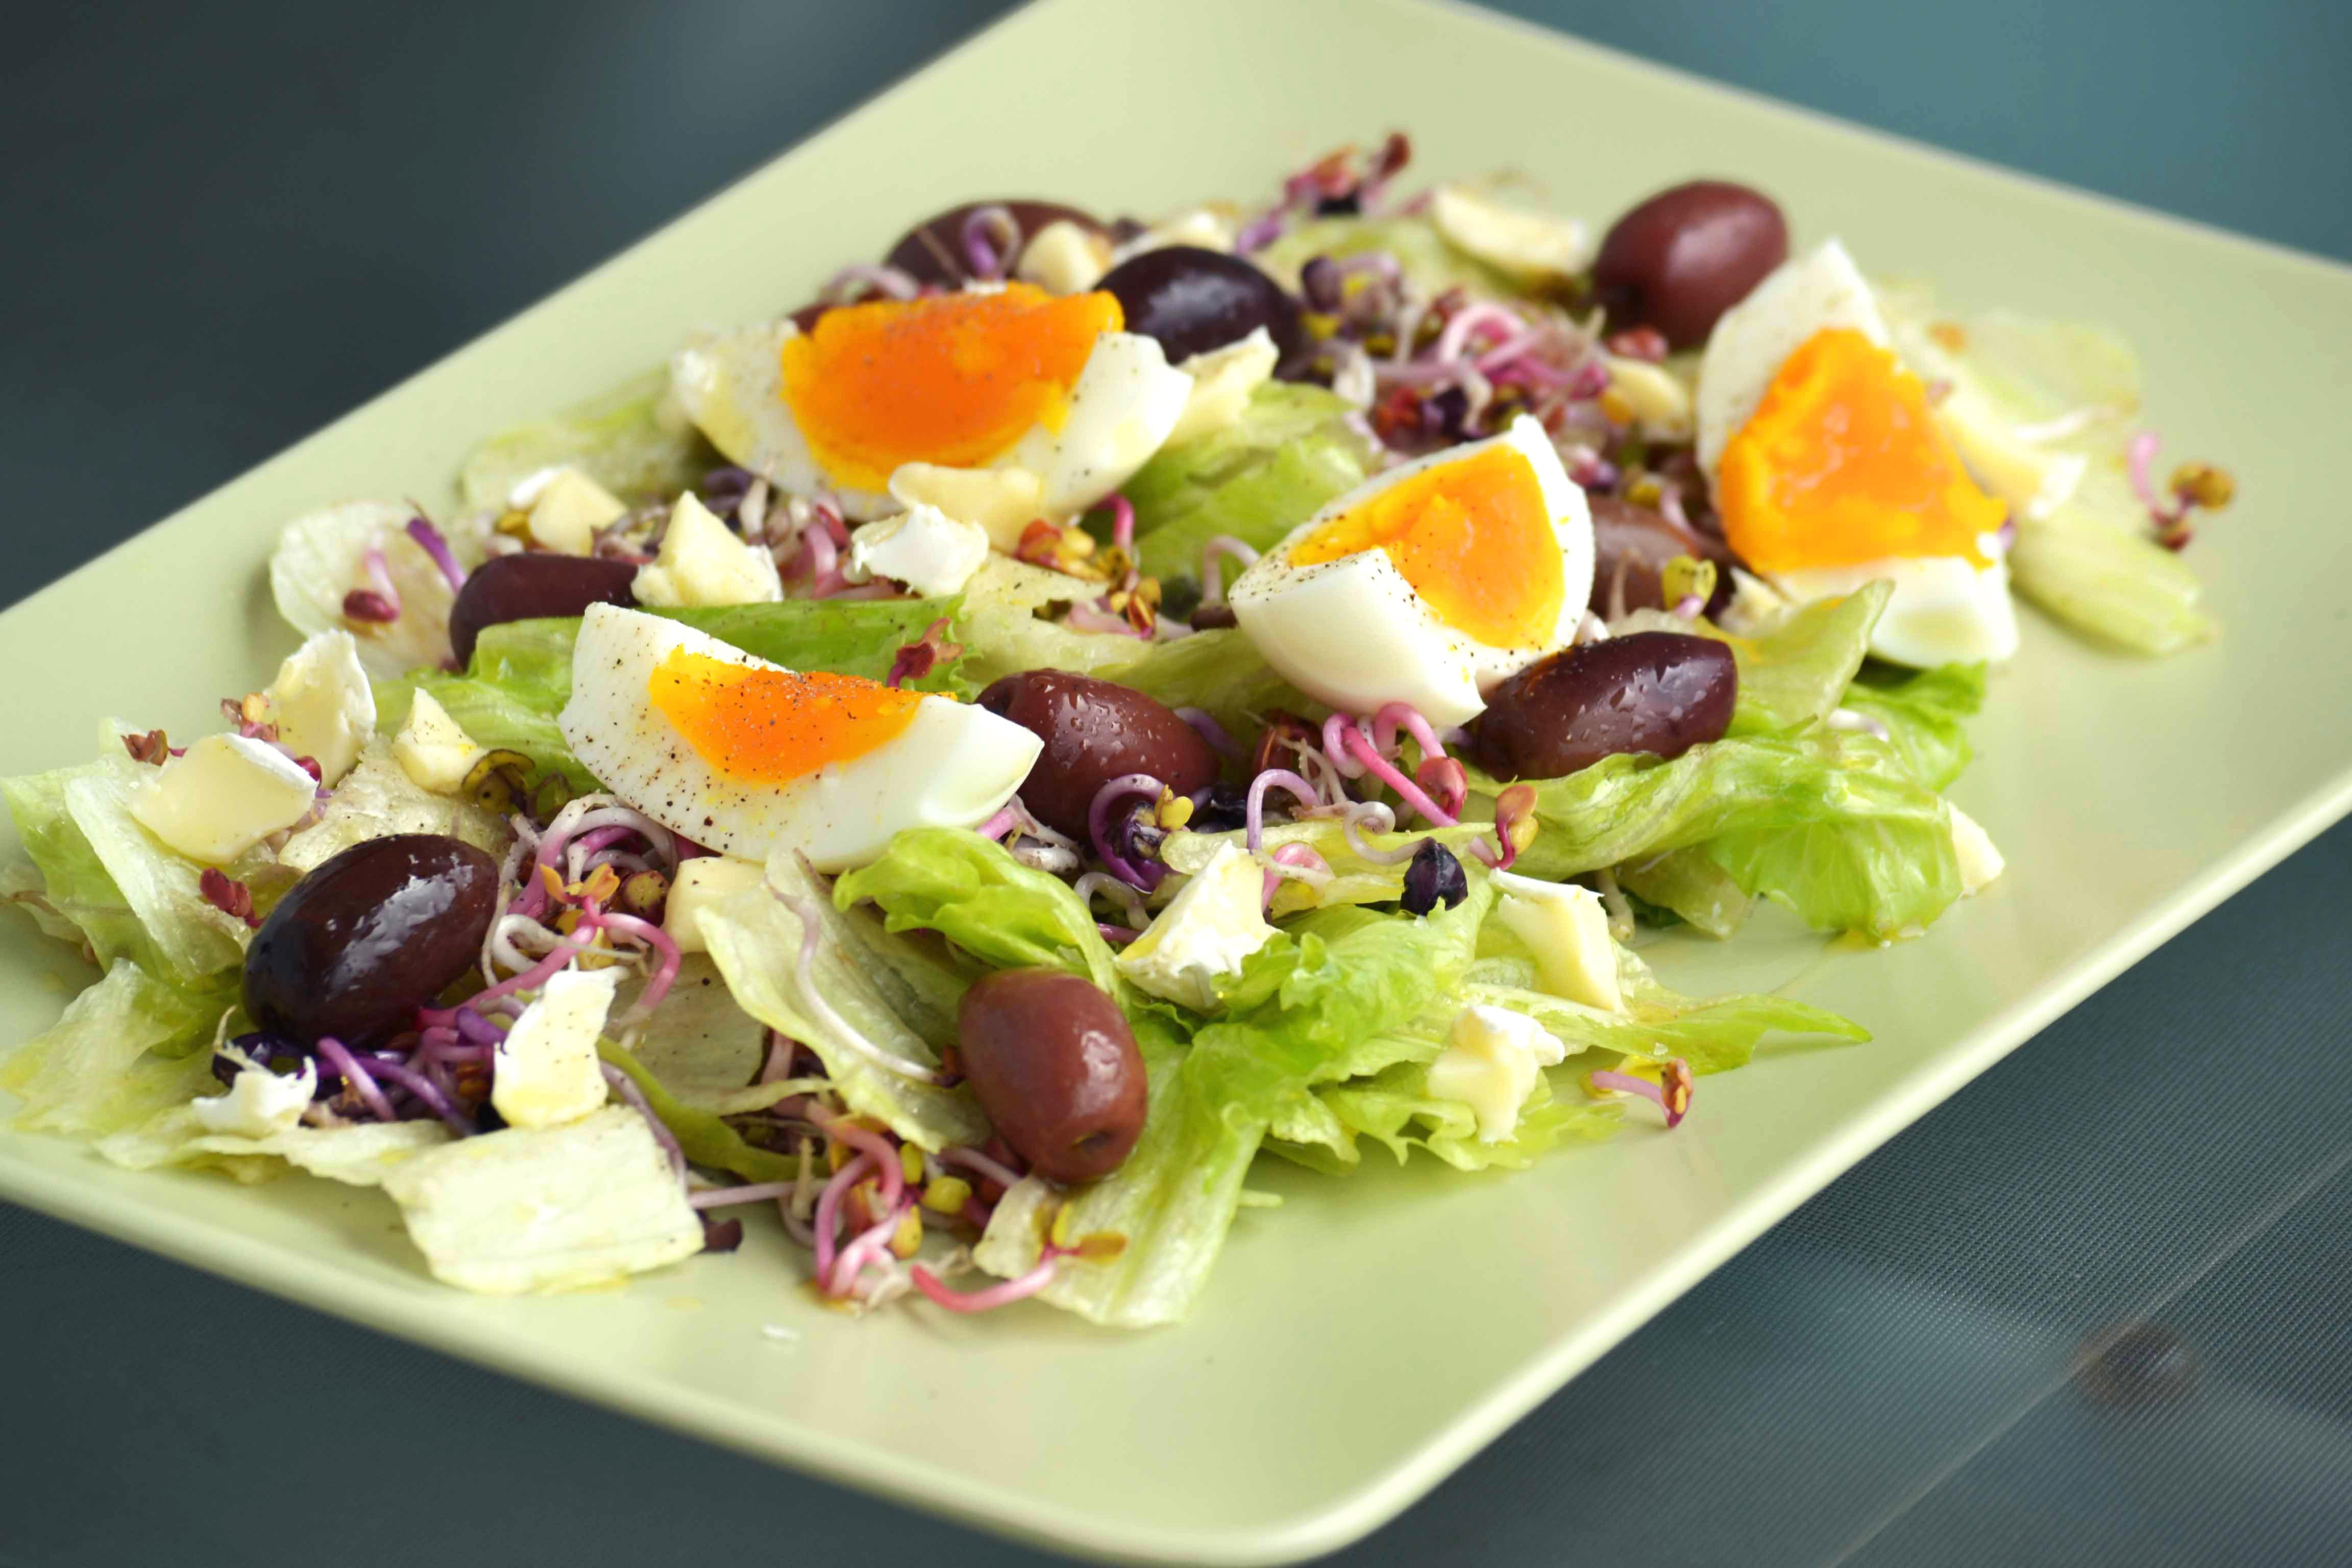 fogyókúrás saláták 40 felett fogyás